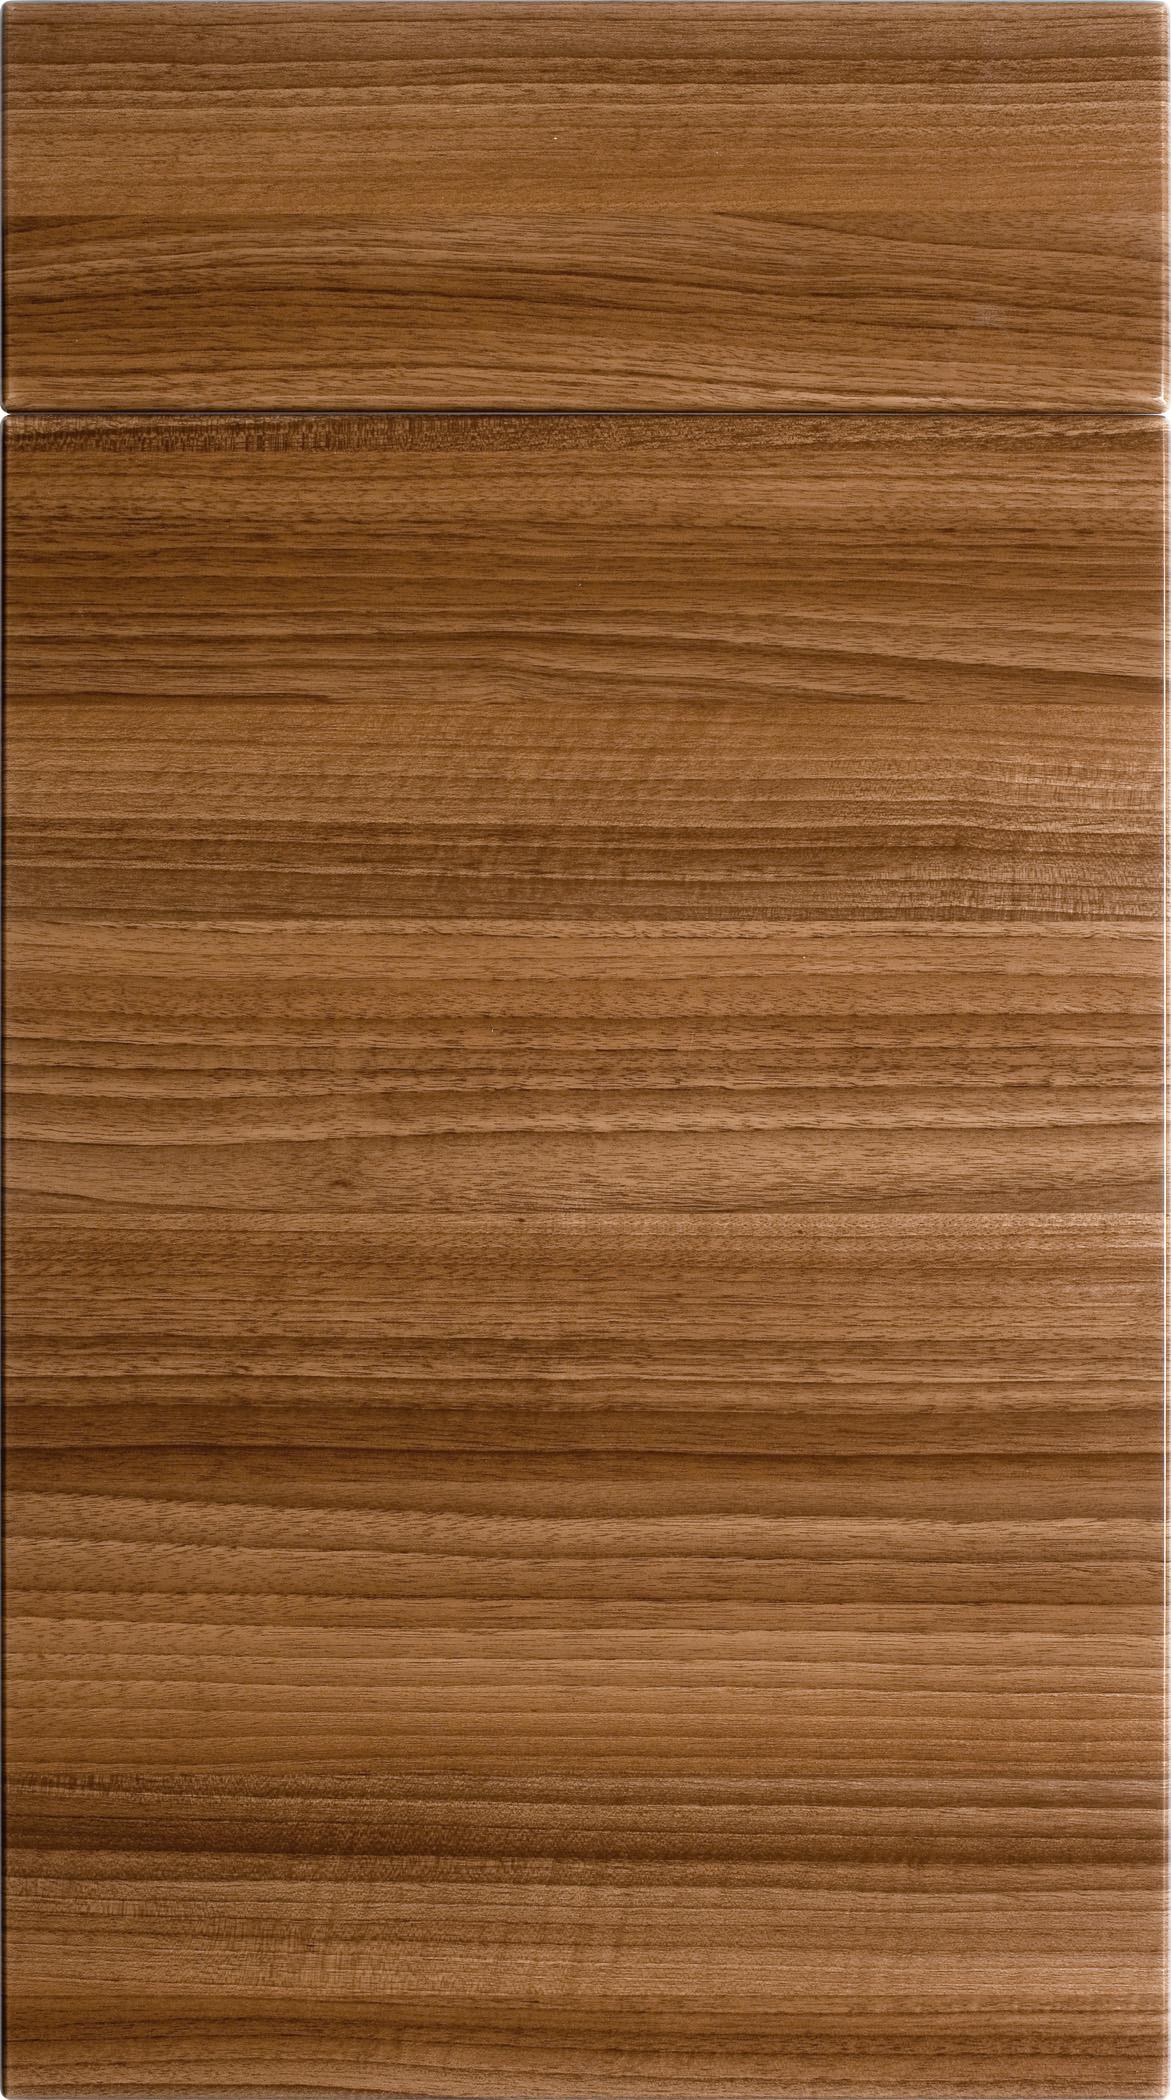 Apollo Dark Walnut Gloss Stock And Mtm Vertical Grain Over